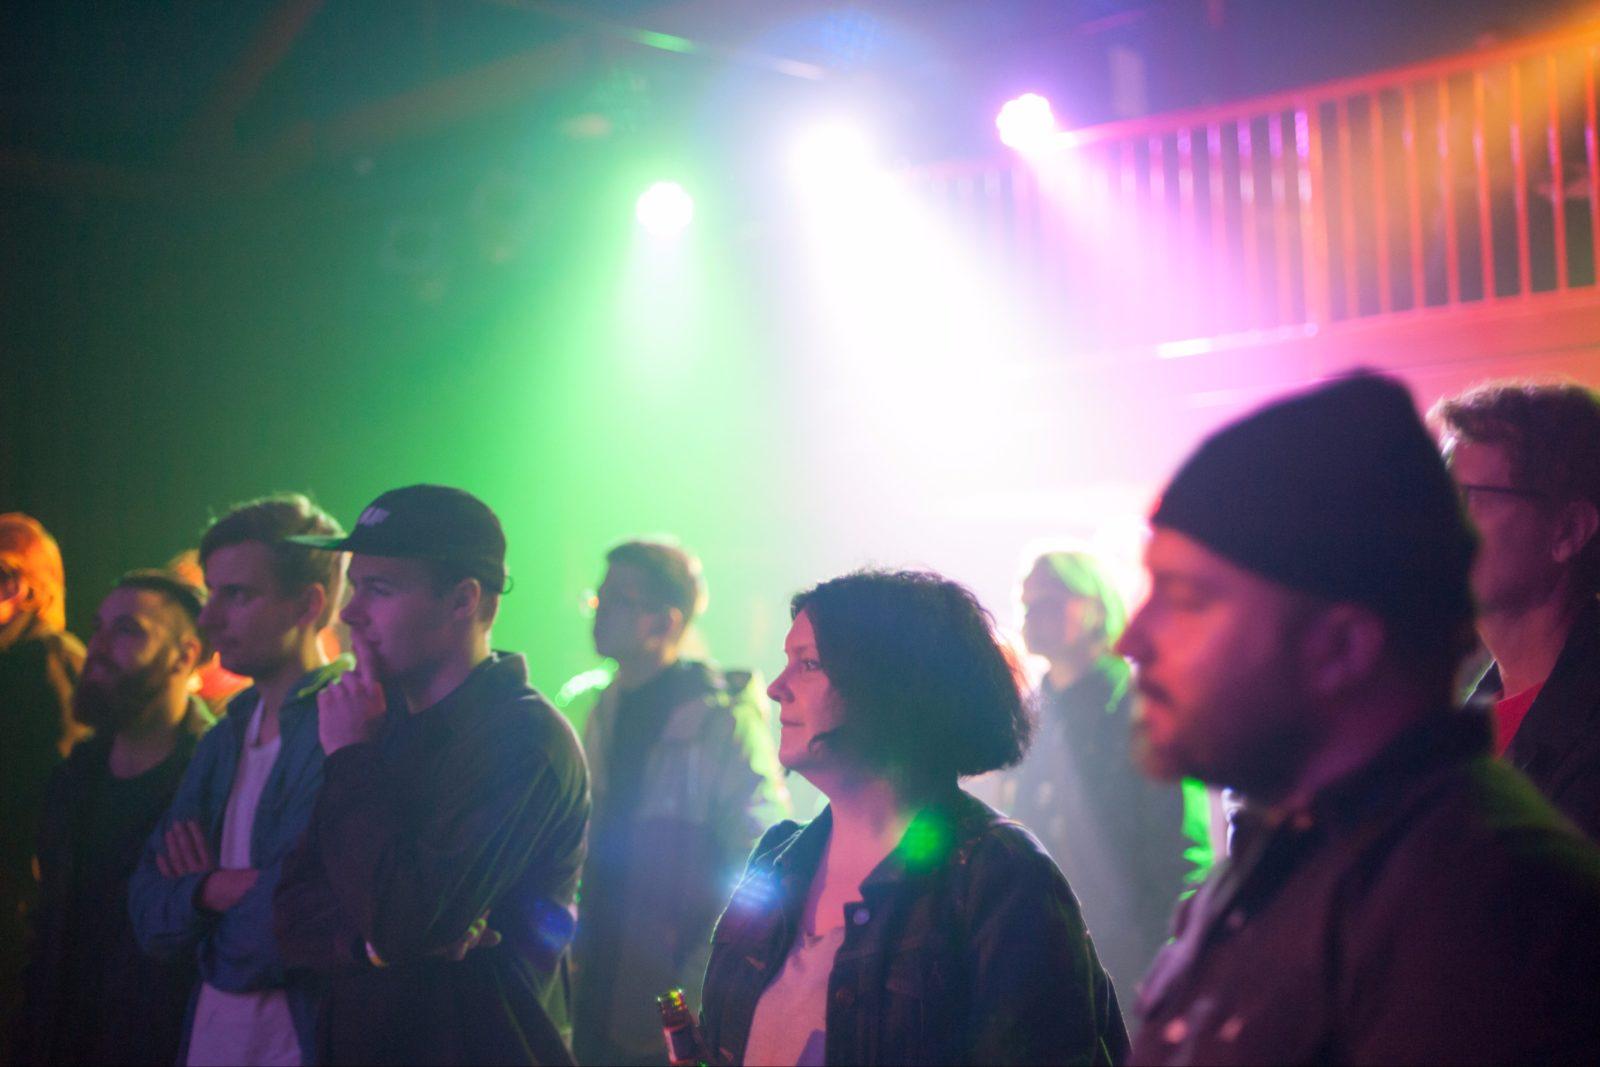 Nexus Arts Venue crowd